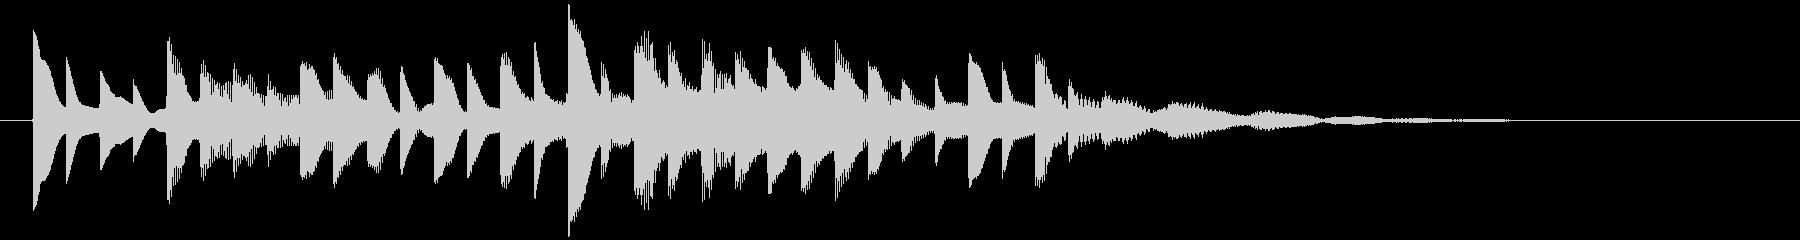 ベルの静かな場面転回音9の未再生の波形